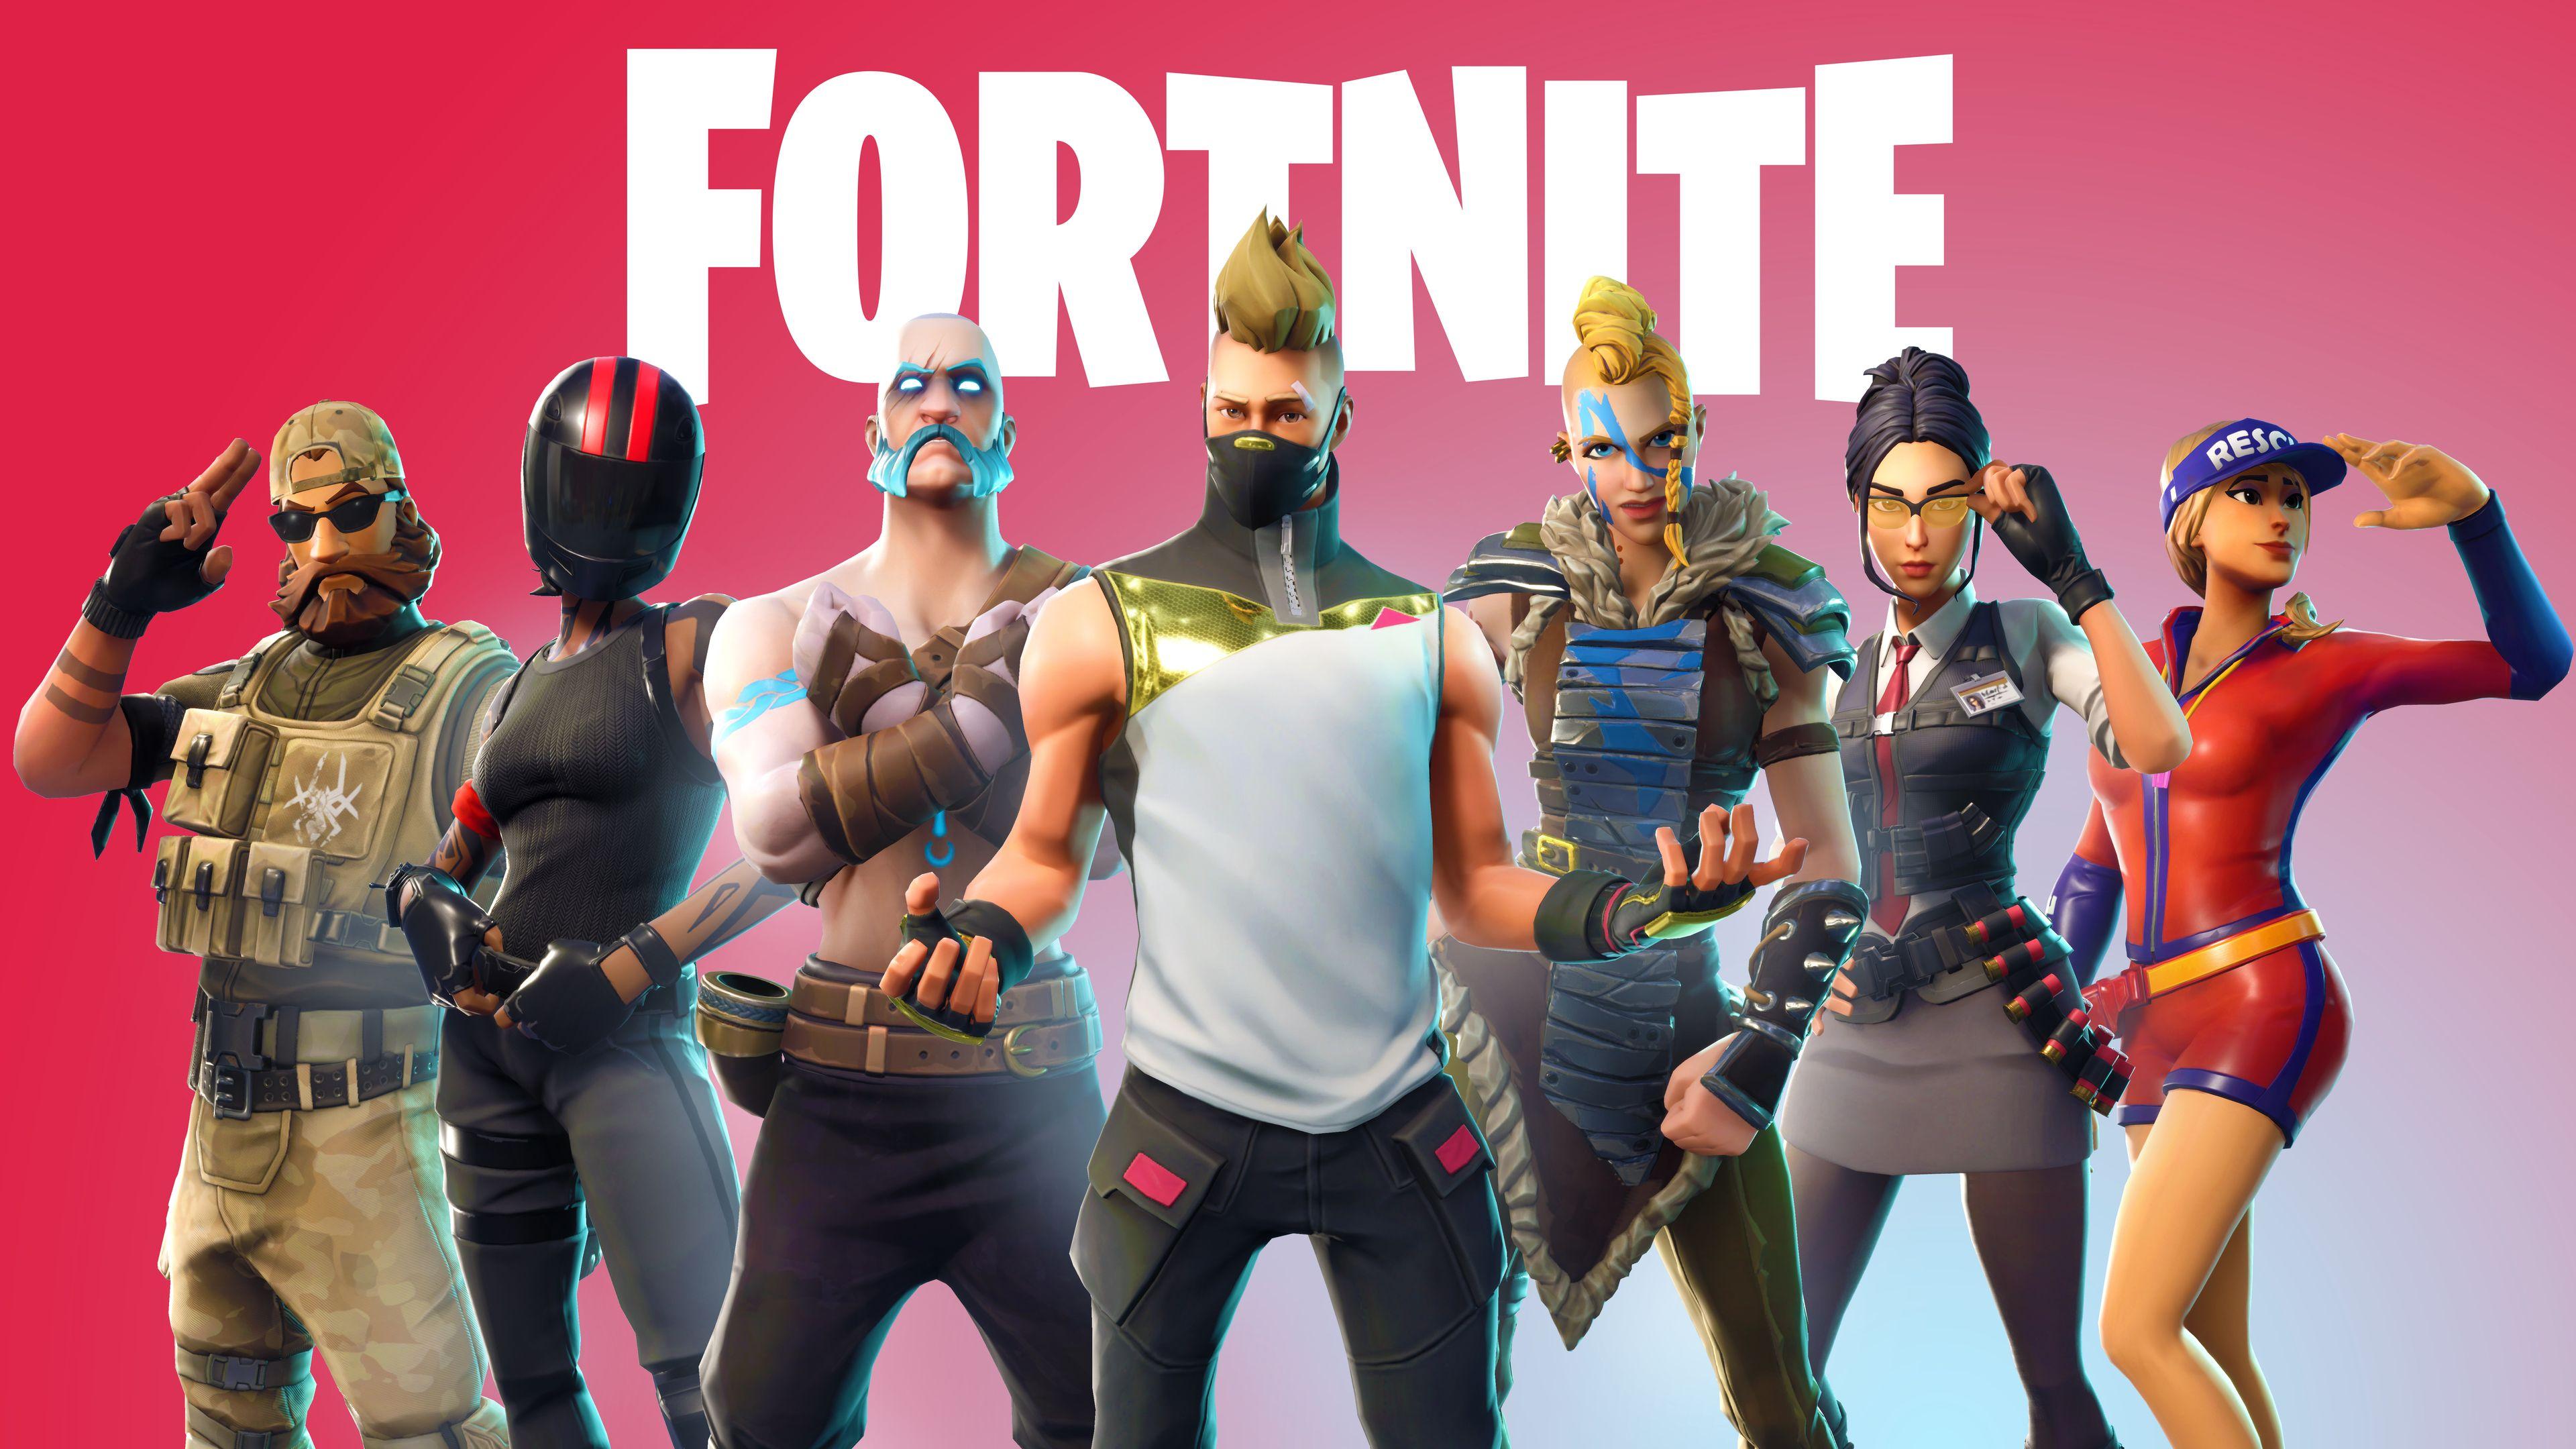 Fortnite Season 5 4k 4k Wallpapers Ps Games Wallpapers Hd Wallpapers Games Wallpapers Fortnite Wallpapers Fortn Free Video Game Fortnite Battle Royale Game